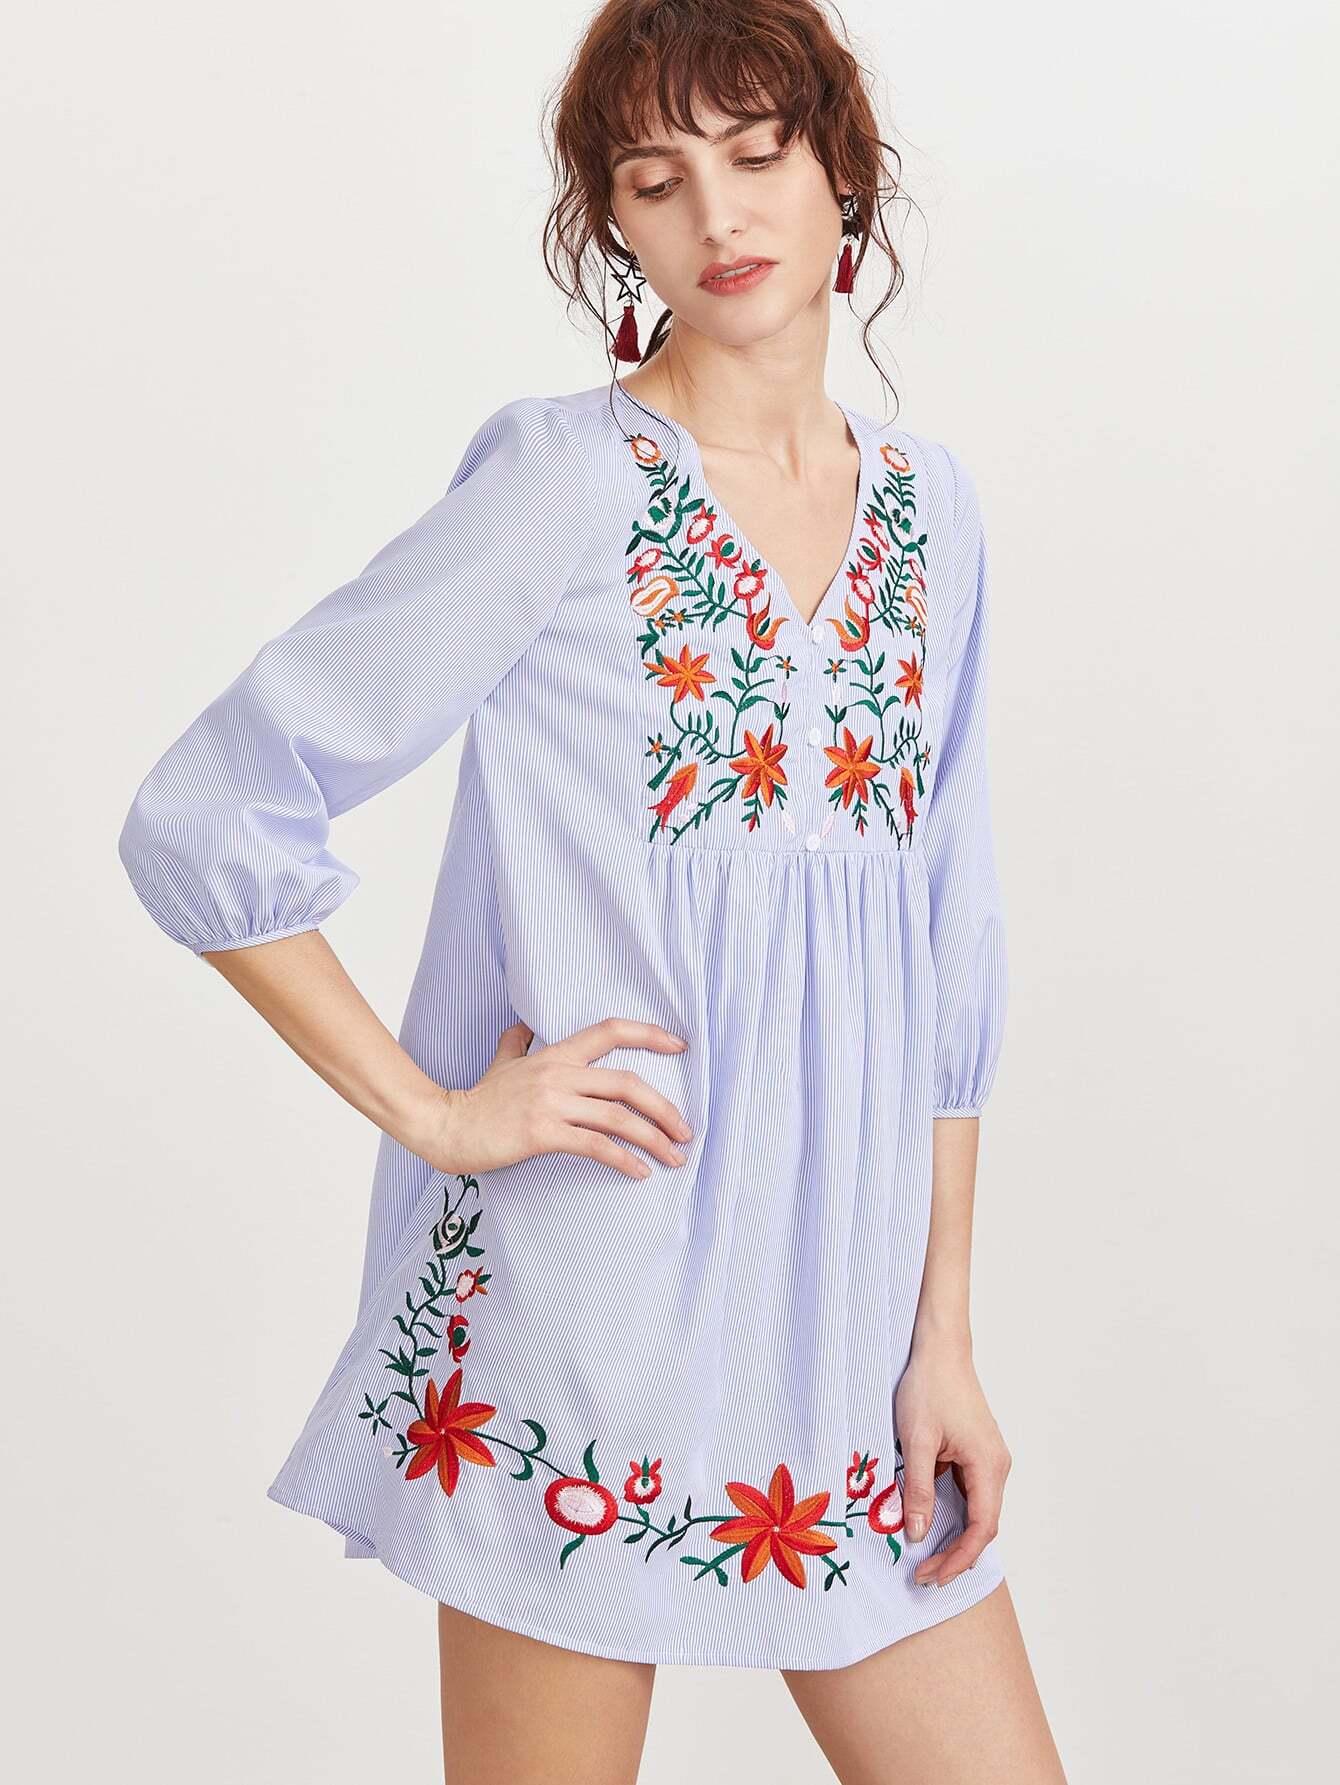 dress161227714_2